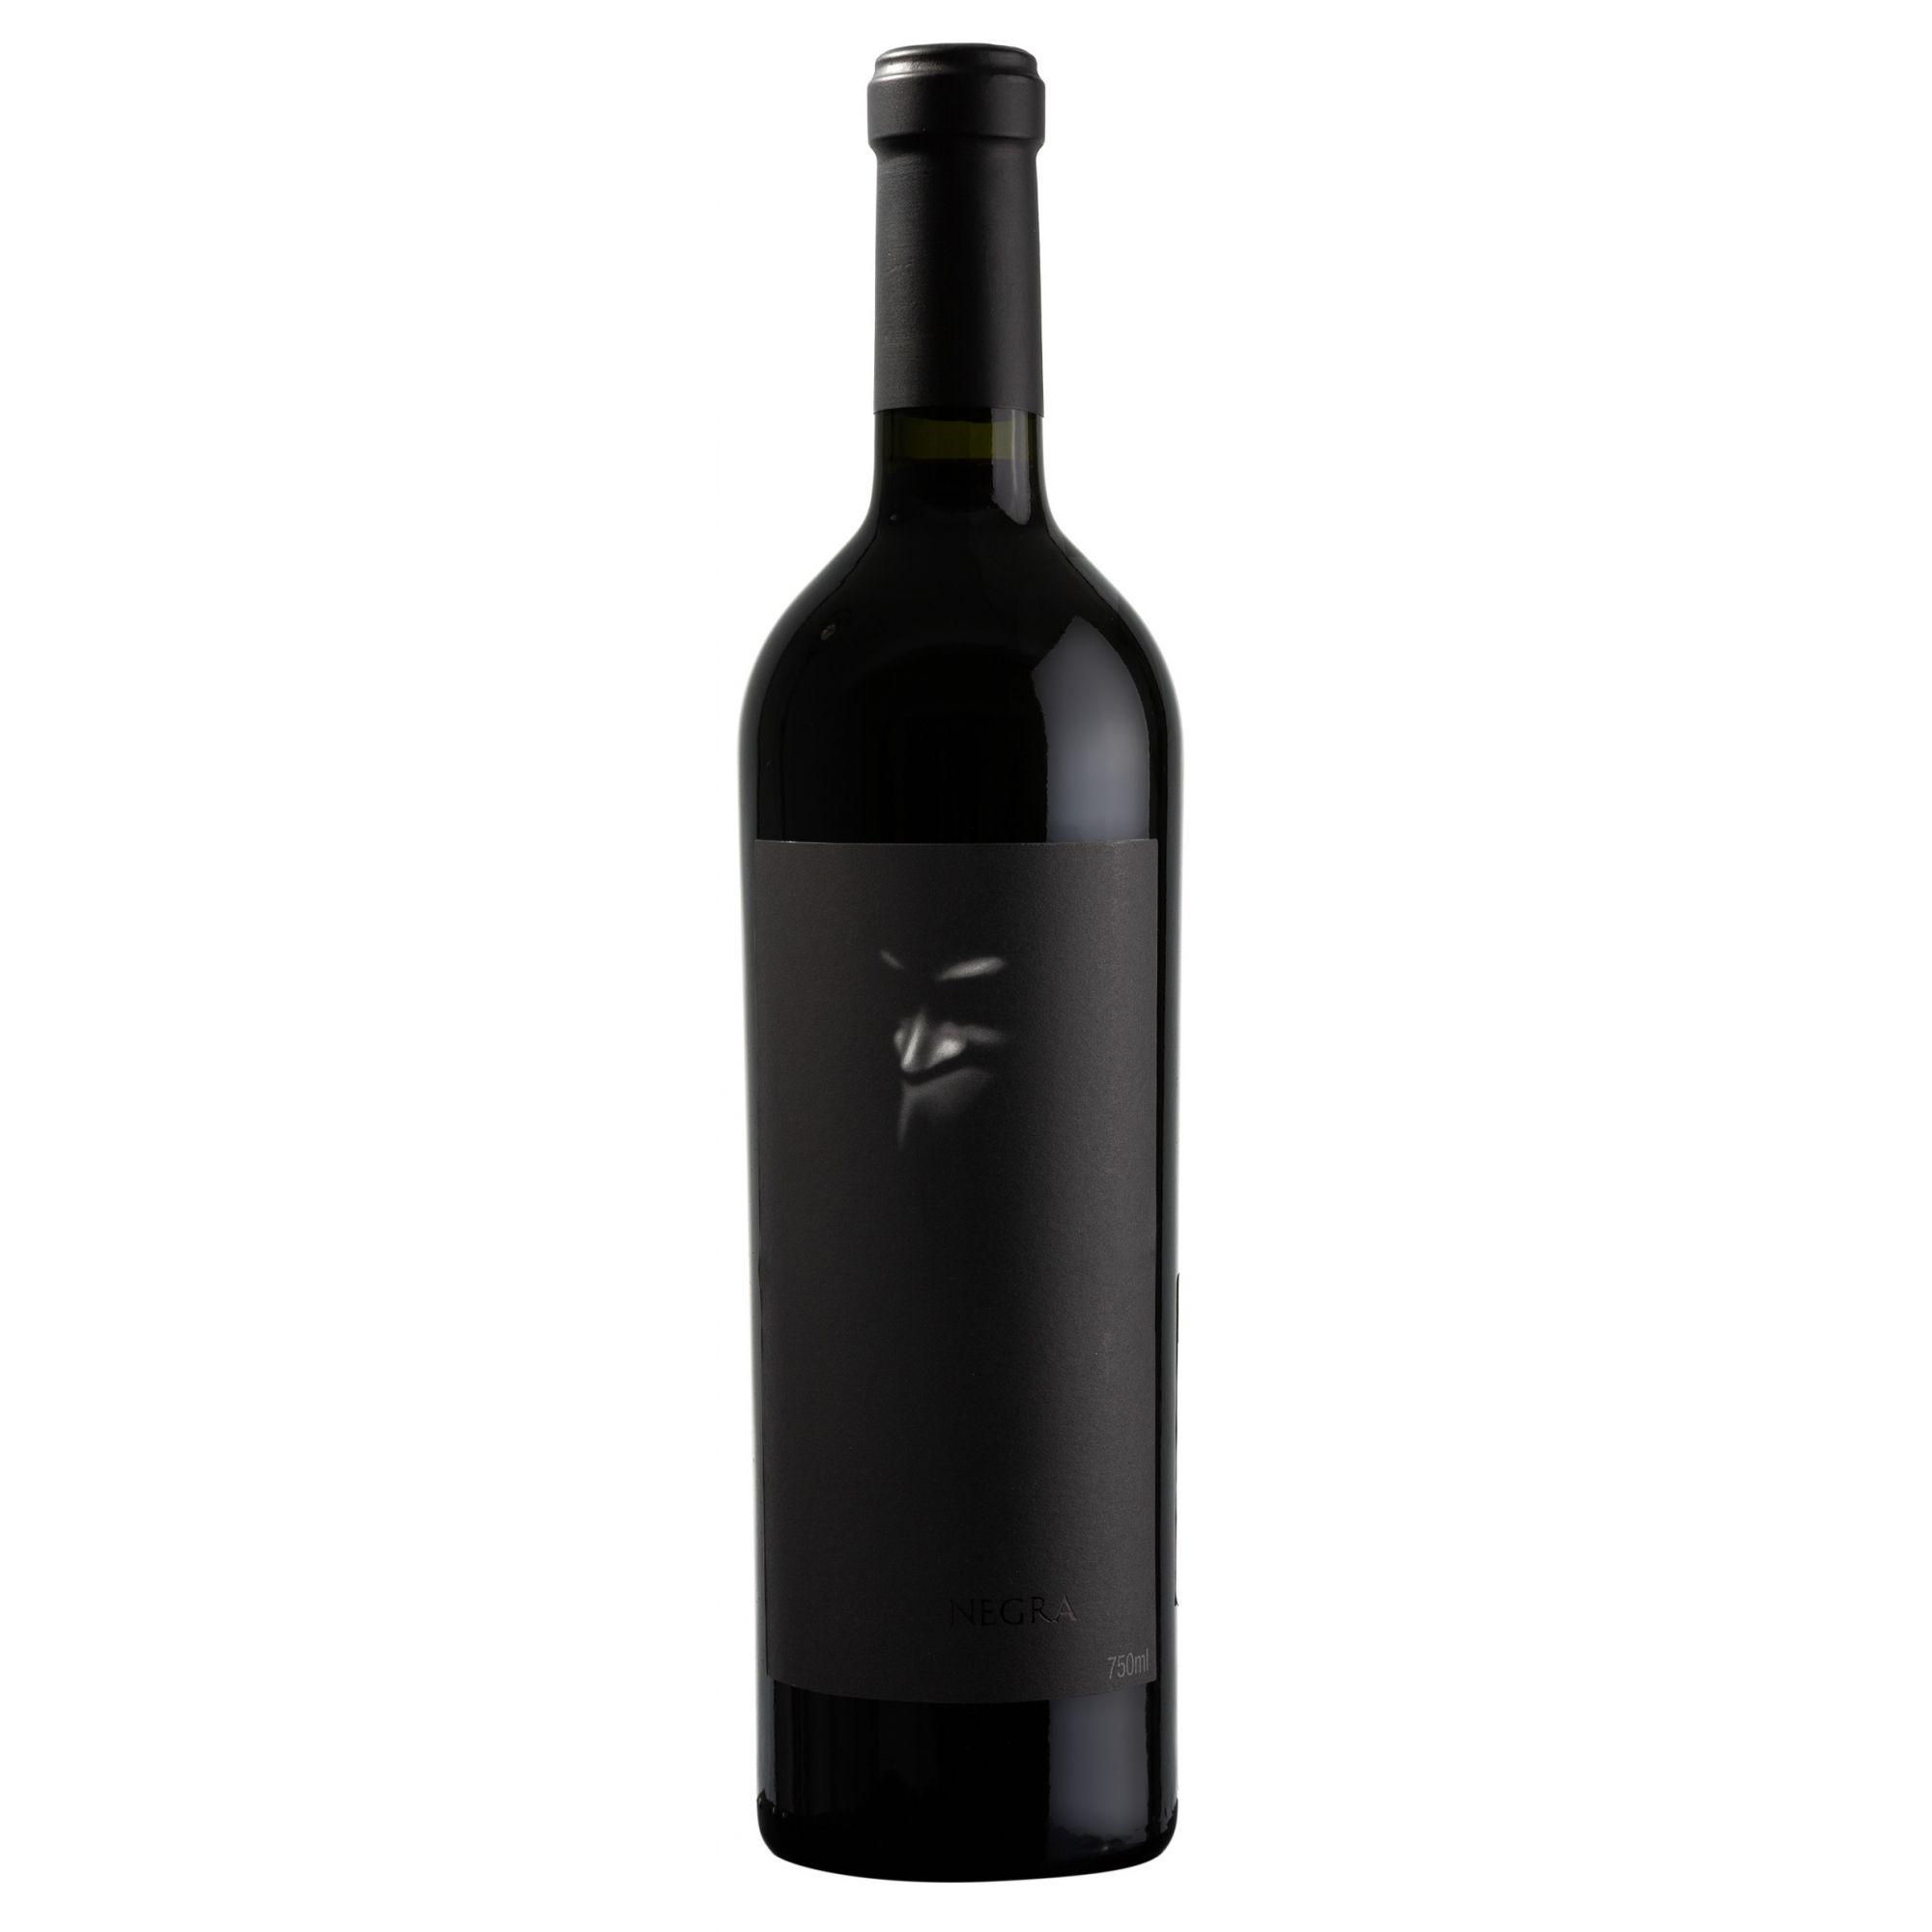 Vinho Alma Negra Misterio 2017